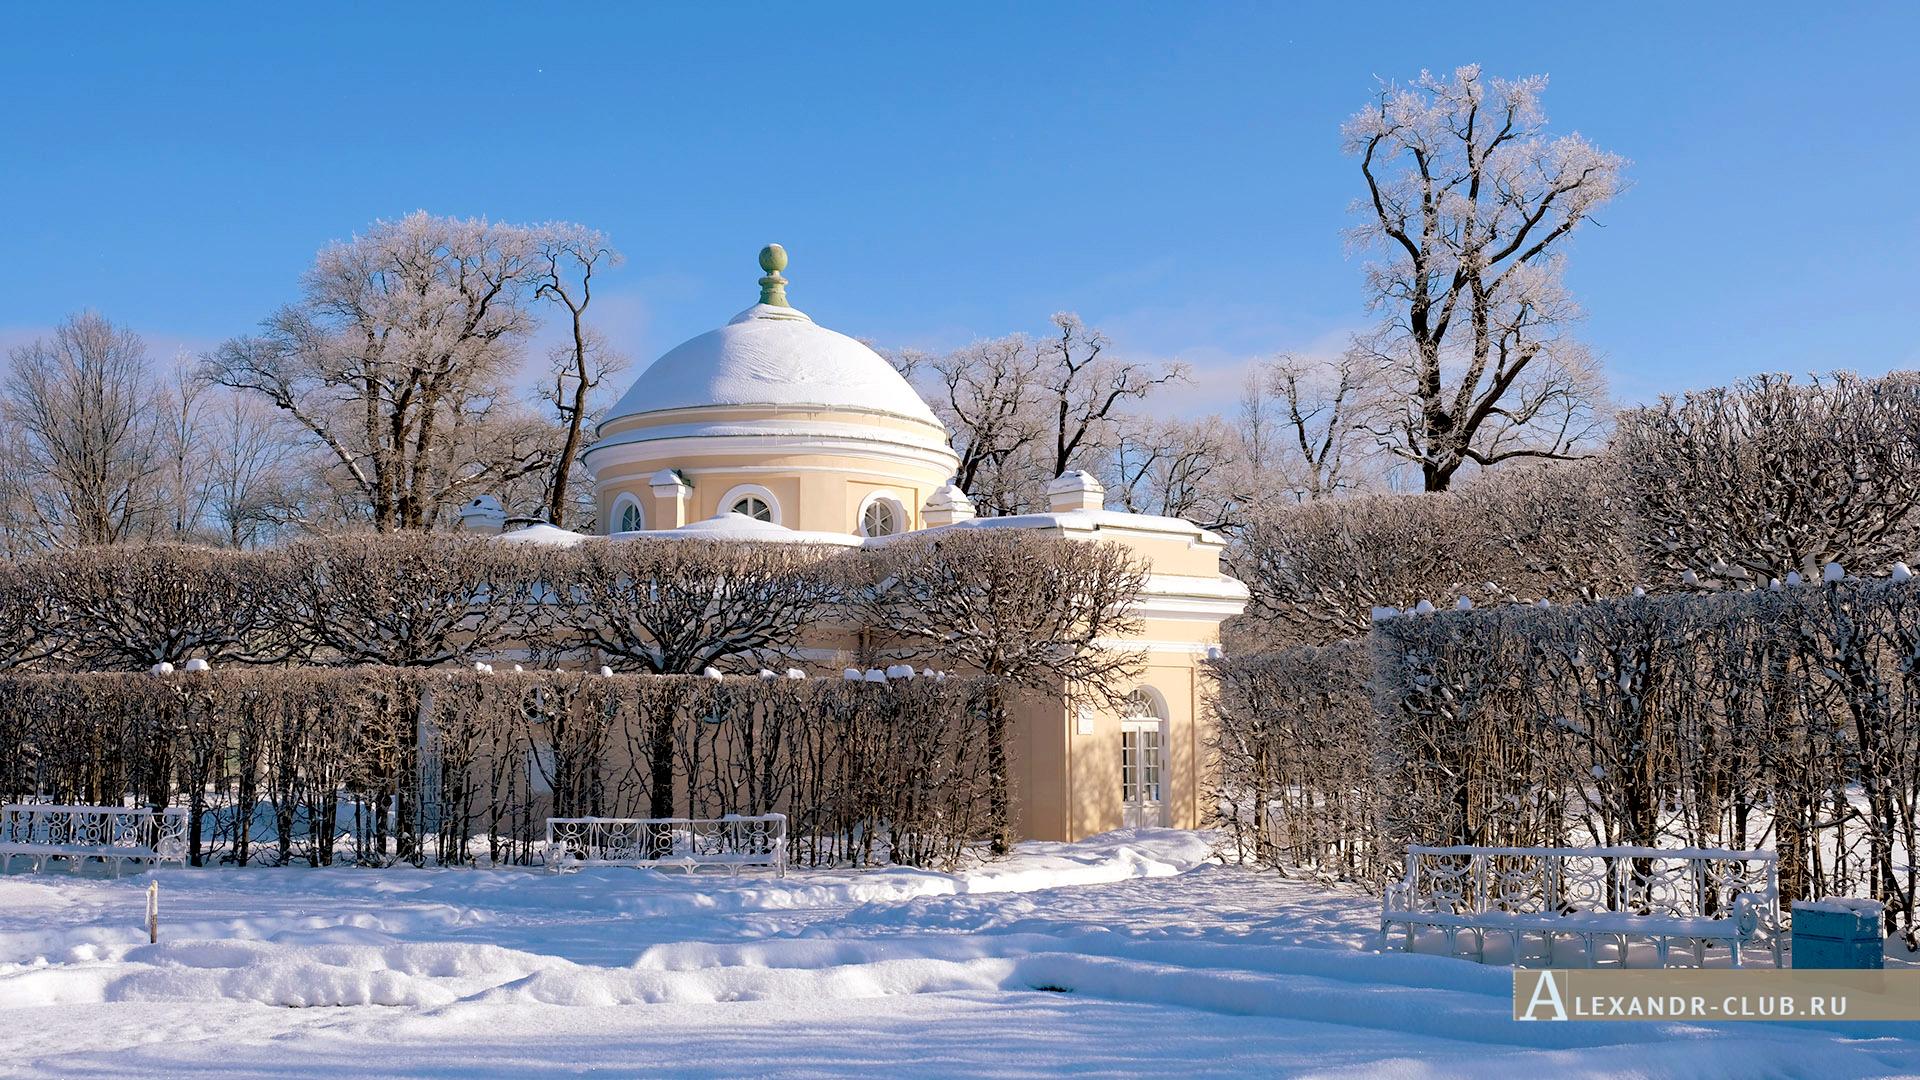 Царское Село, зима, Екатерининский парк, павильон «Нижняя ванна»